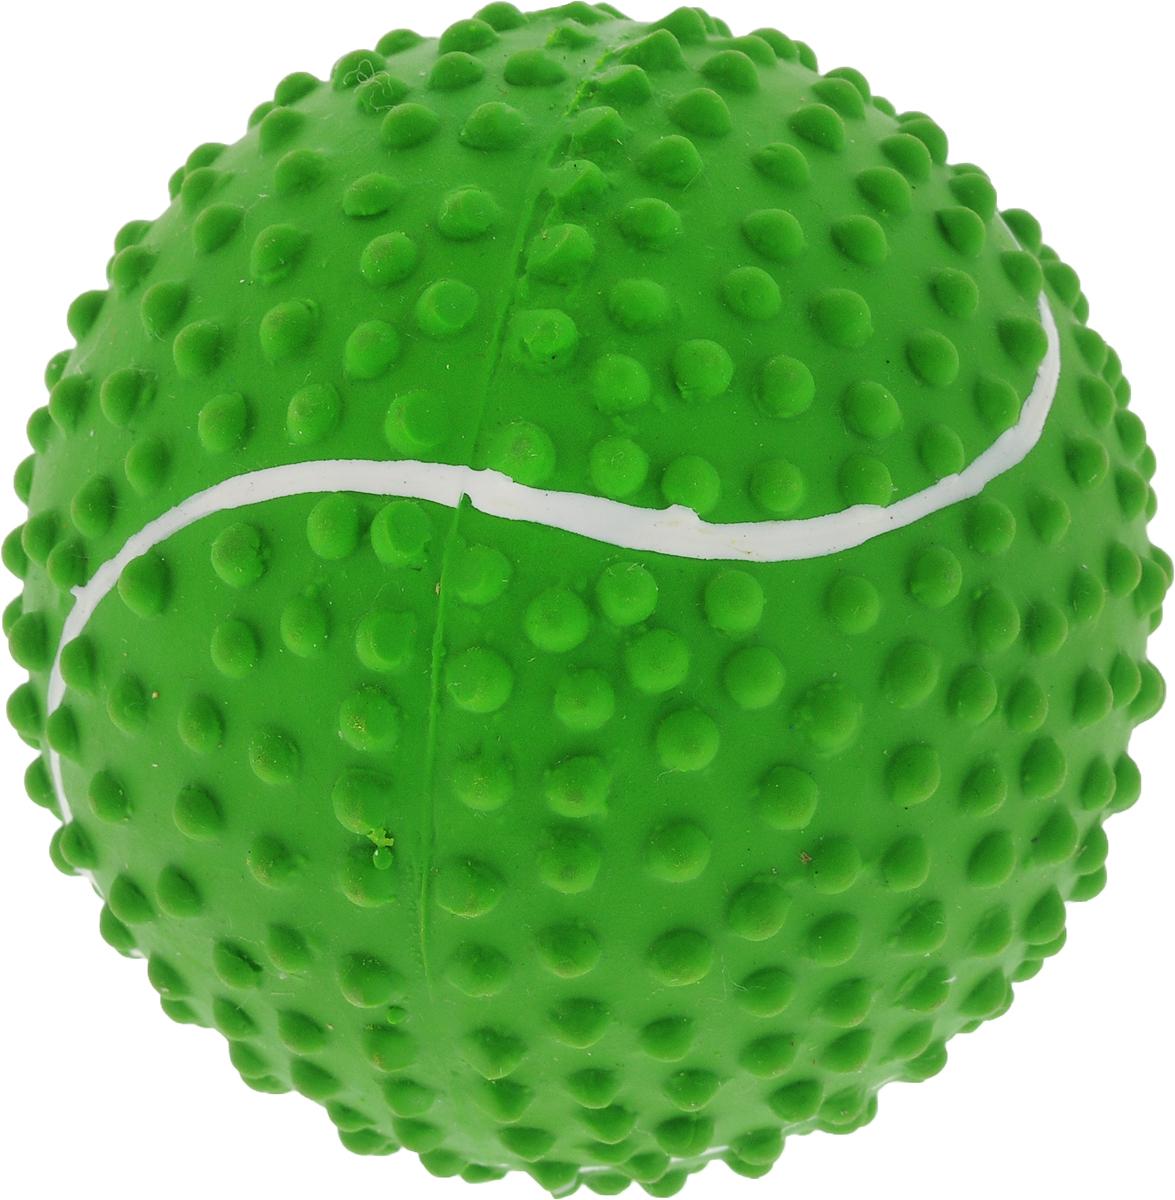 Мяч для собак Camon, цвет: зеленый, 9 смA035_зелёныйИгрушка Camon для собак - это супер прочная, супер безопасная и супер увлекательная игрушка. Мячик при бросании отскакивает по непредсказуемой траектории. Что обеспечивает часы веселья и удовольствия. Запатентованный материал и дополнительные массажные элементы гарантируют, что ваша собака будет наслаждаться игрой с мячом в течение длительного времени.